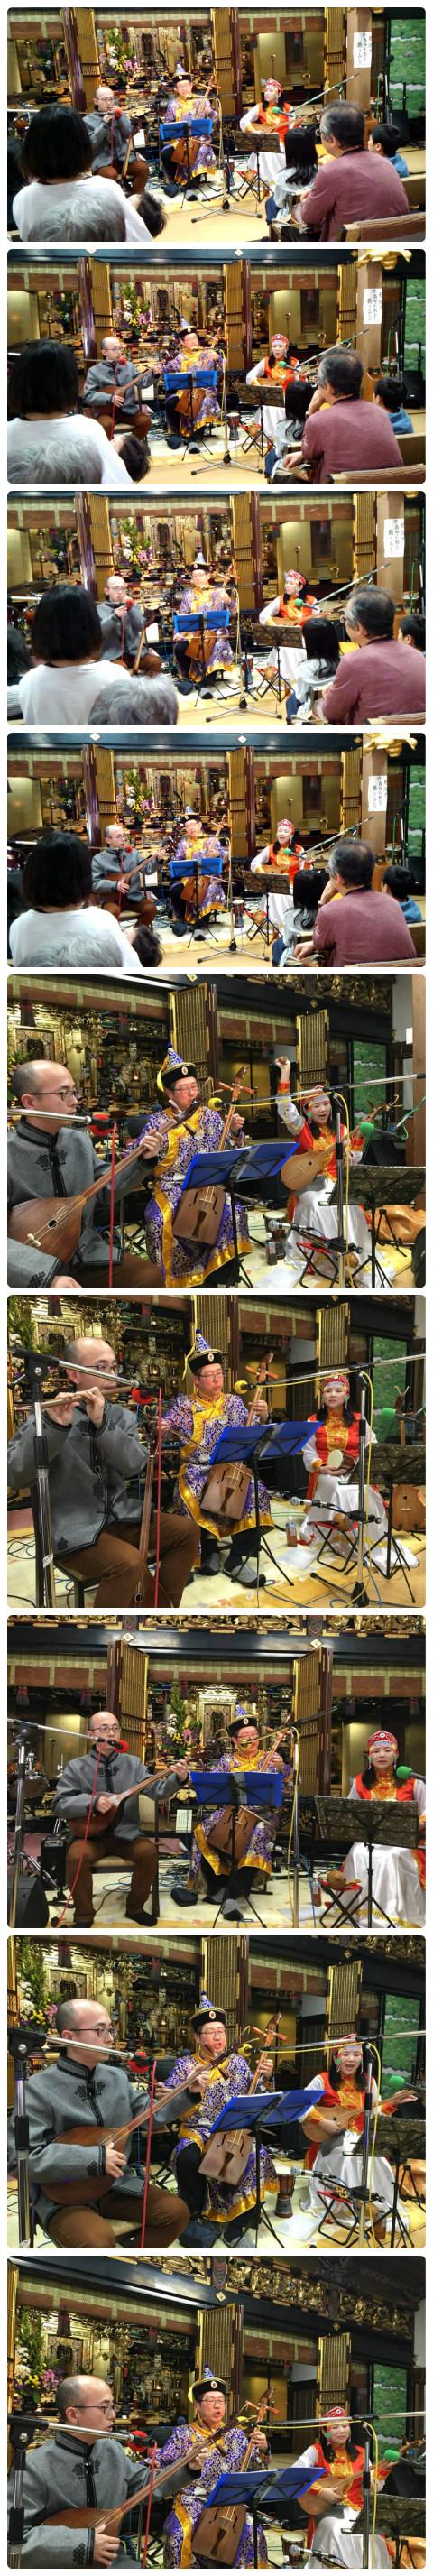 矢野町音楽祭 『おてらdeらいぶ』に『チーム・シルクロード』で出演‼